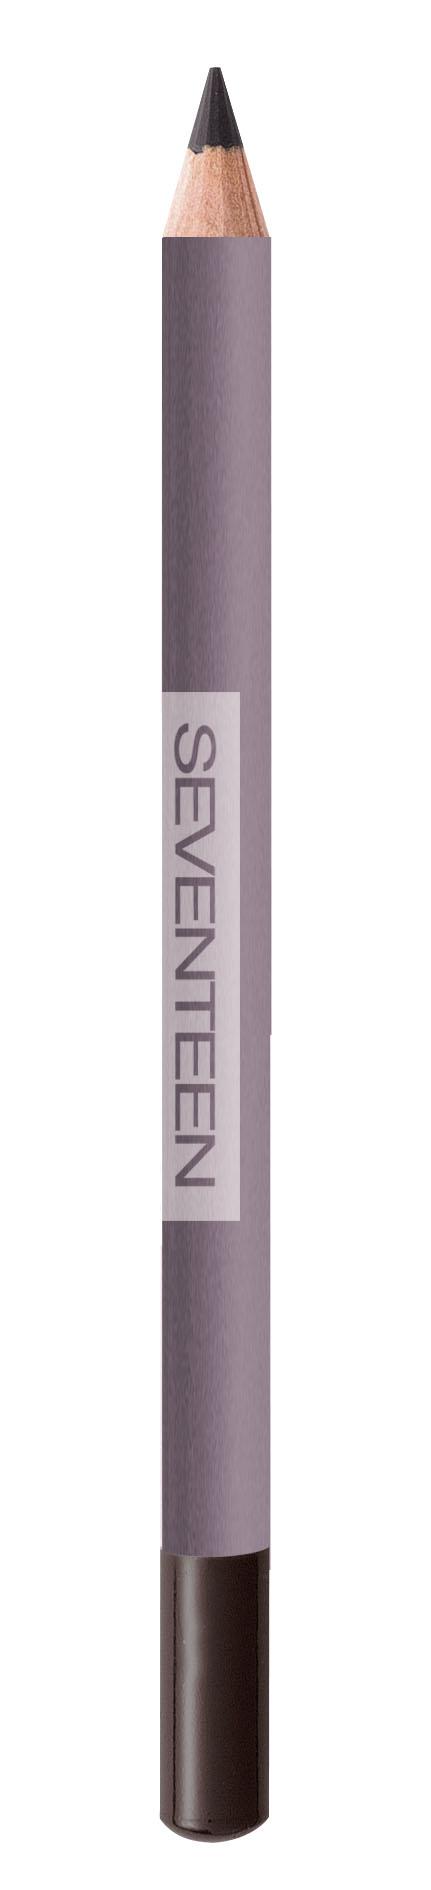 SEVENTEEN Карандаш устойчивый для век, 34 темно-коричневый / LONGSTAY EYE SHAPER 1,14 г